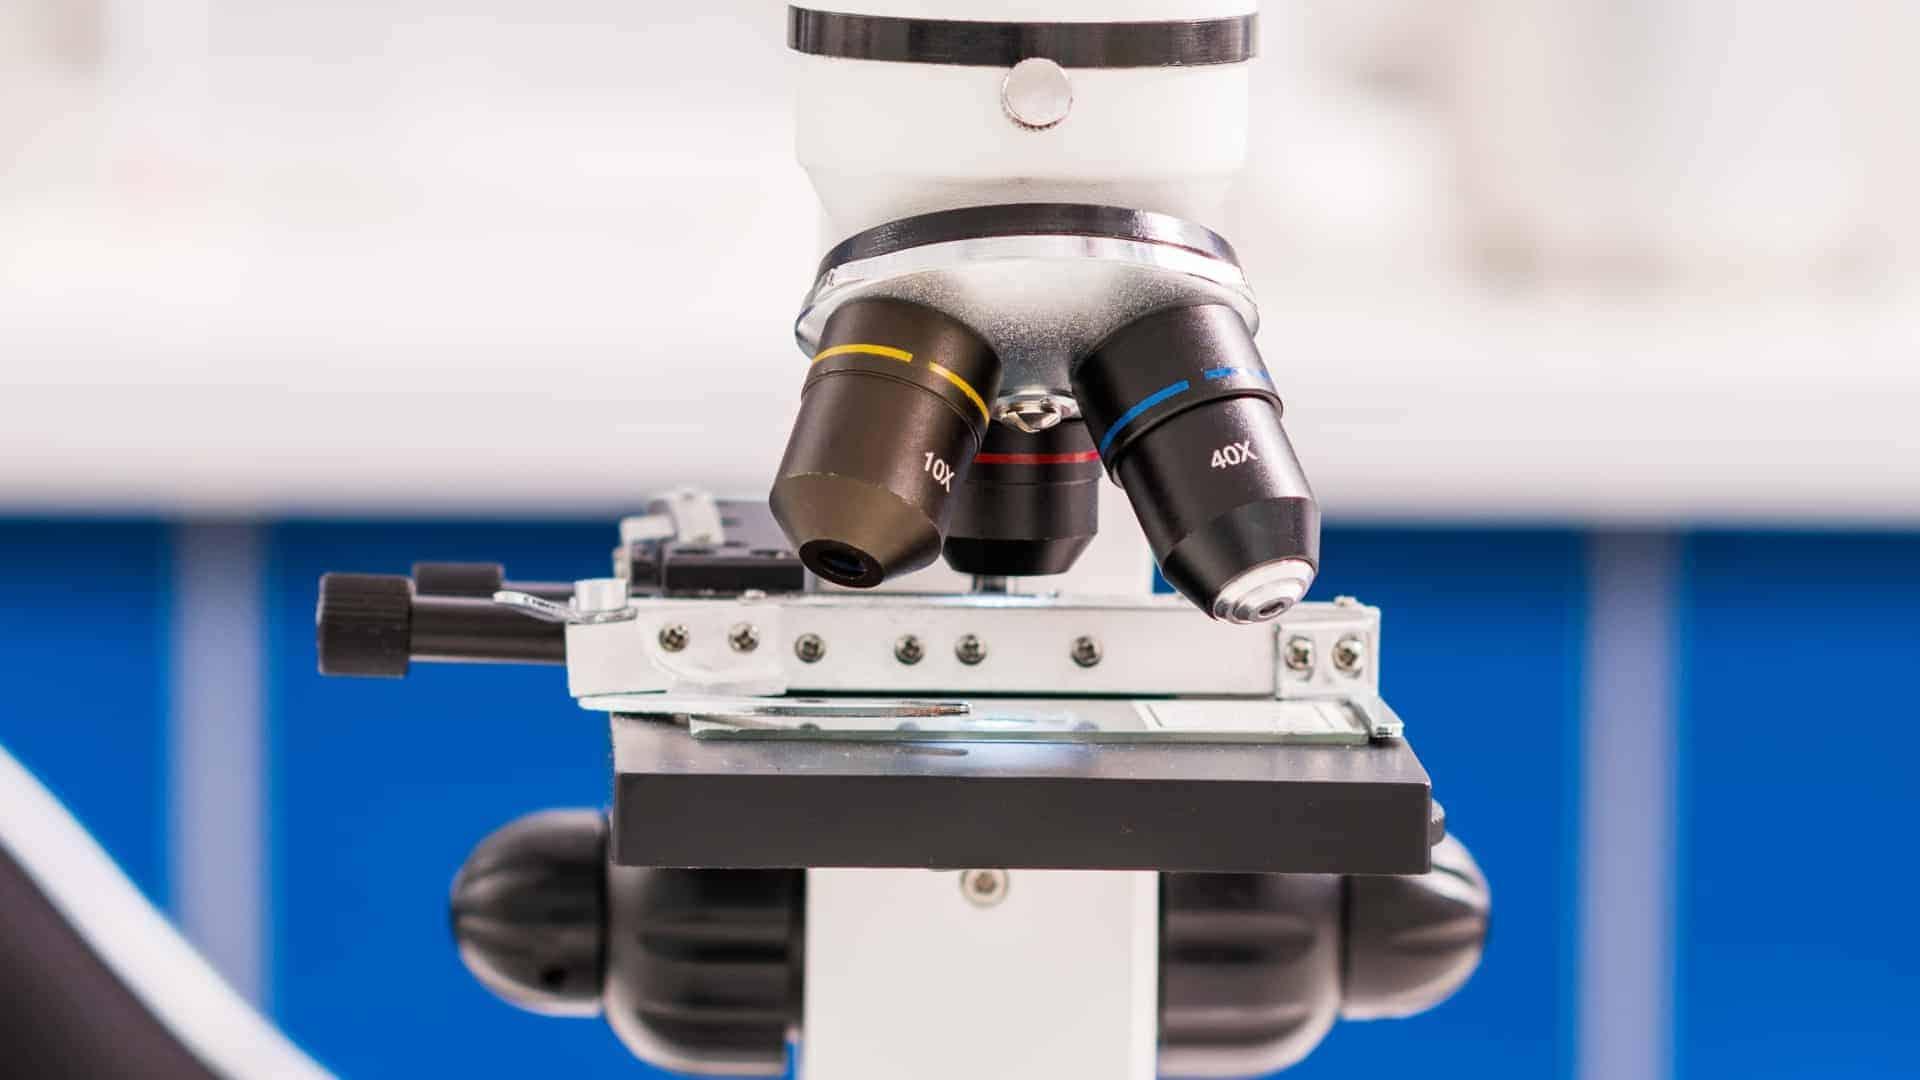 Miglior microscopio 2020: Guida all'acquisto